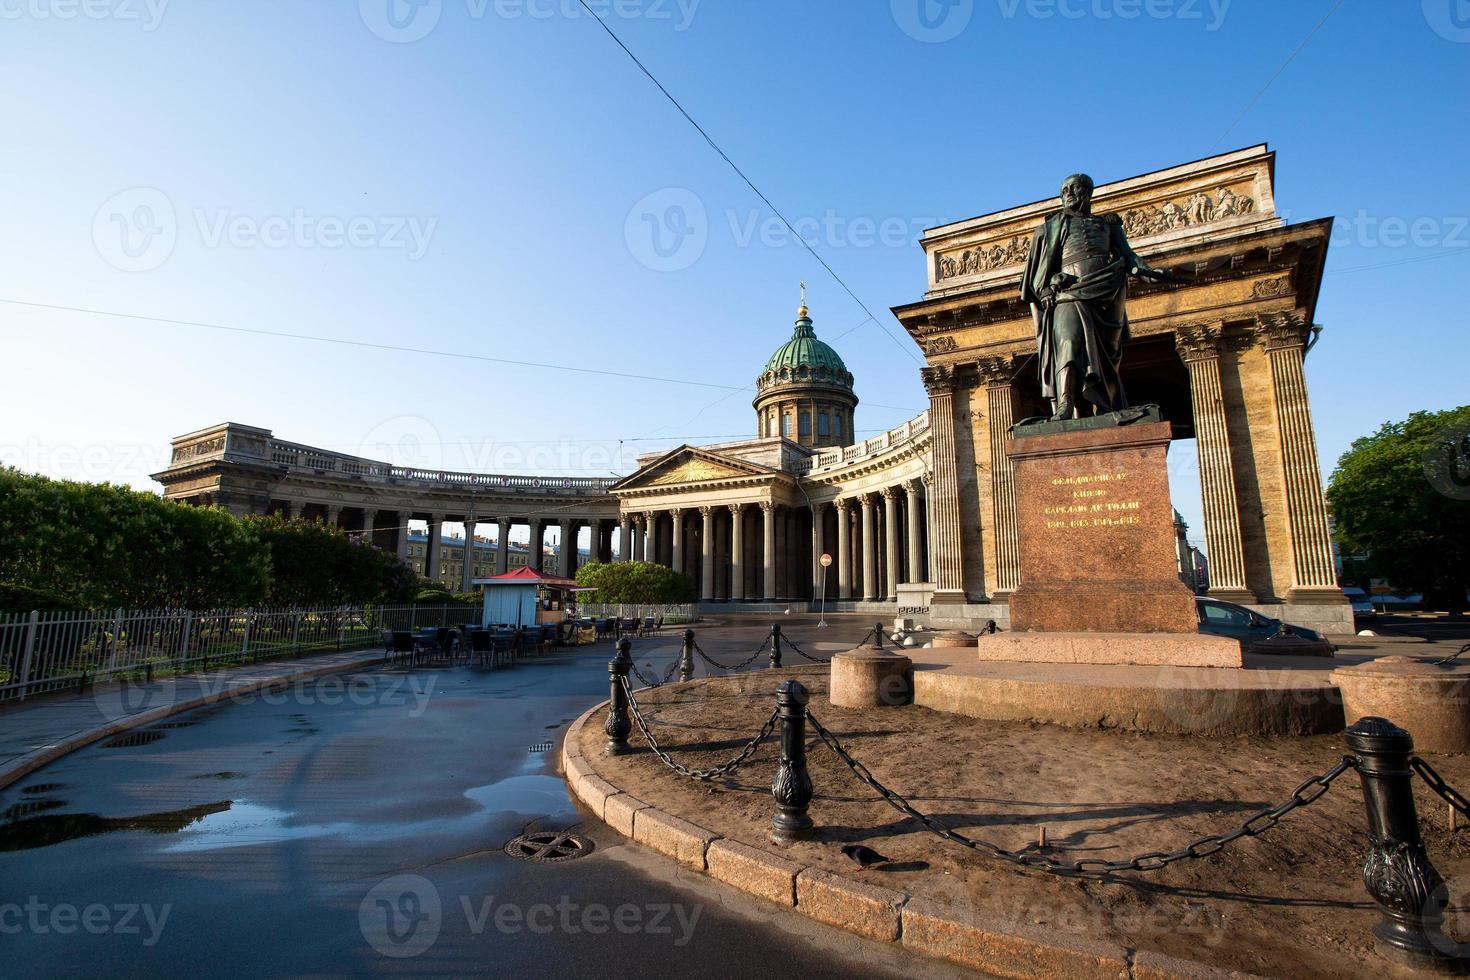 cathédrale kazan, st. Pétersbourg, Russie photo